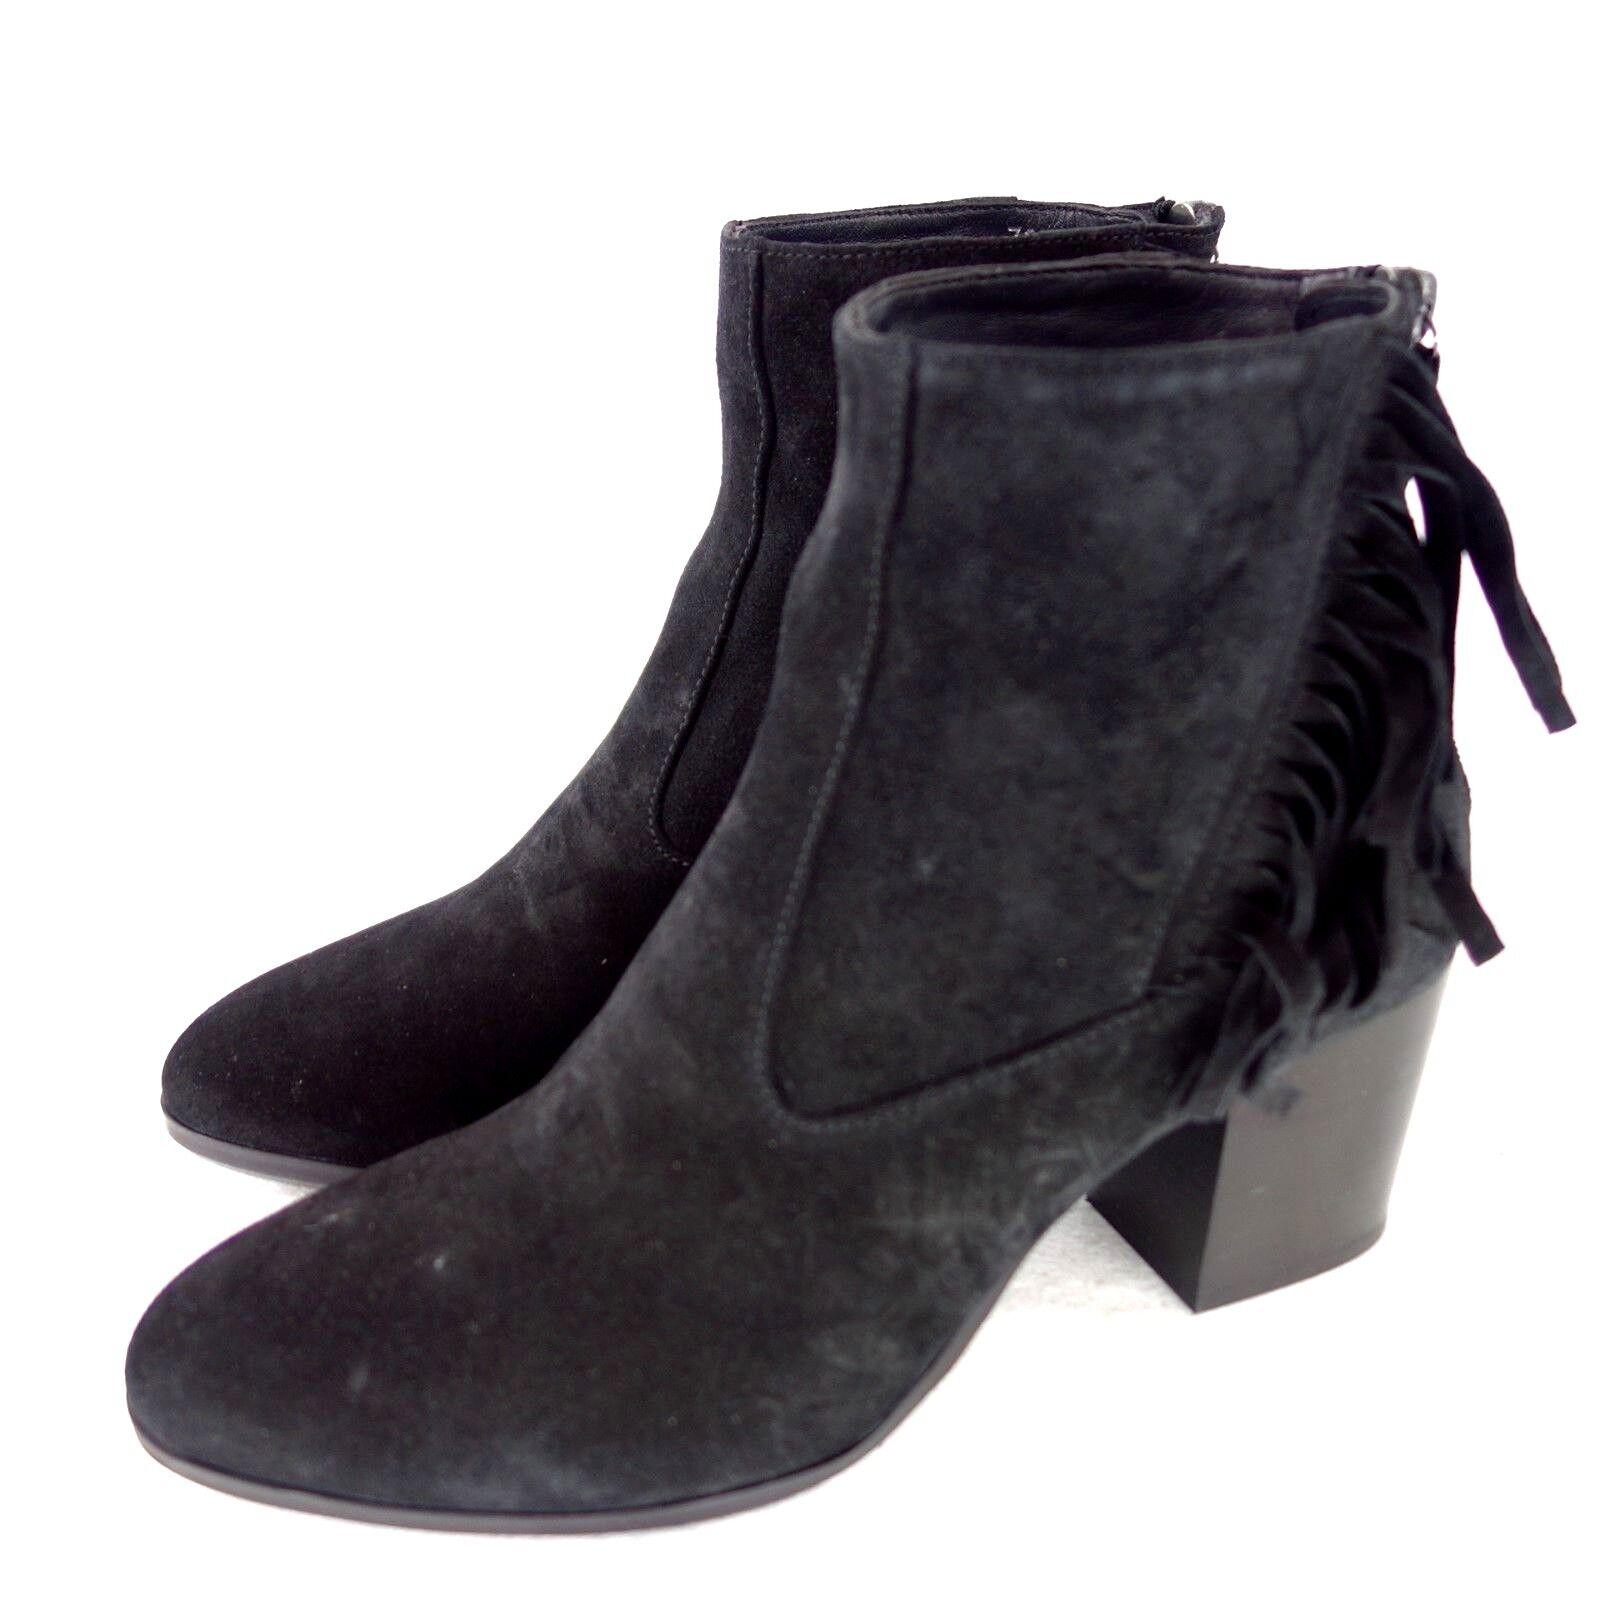 HOMERS Damen Stiefel Stiefeletten Schuhe Leder Schwarz Wildleder NP 285 NEU